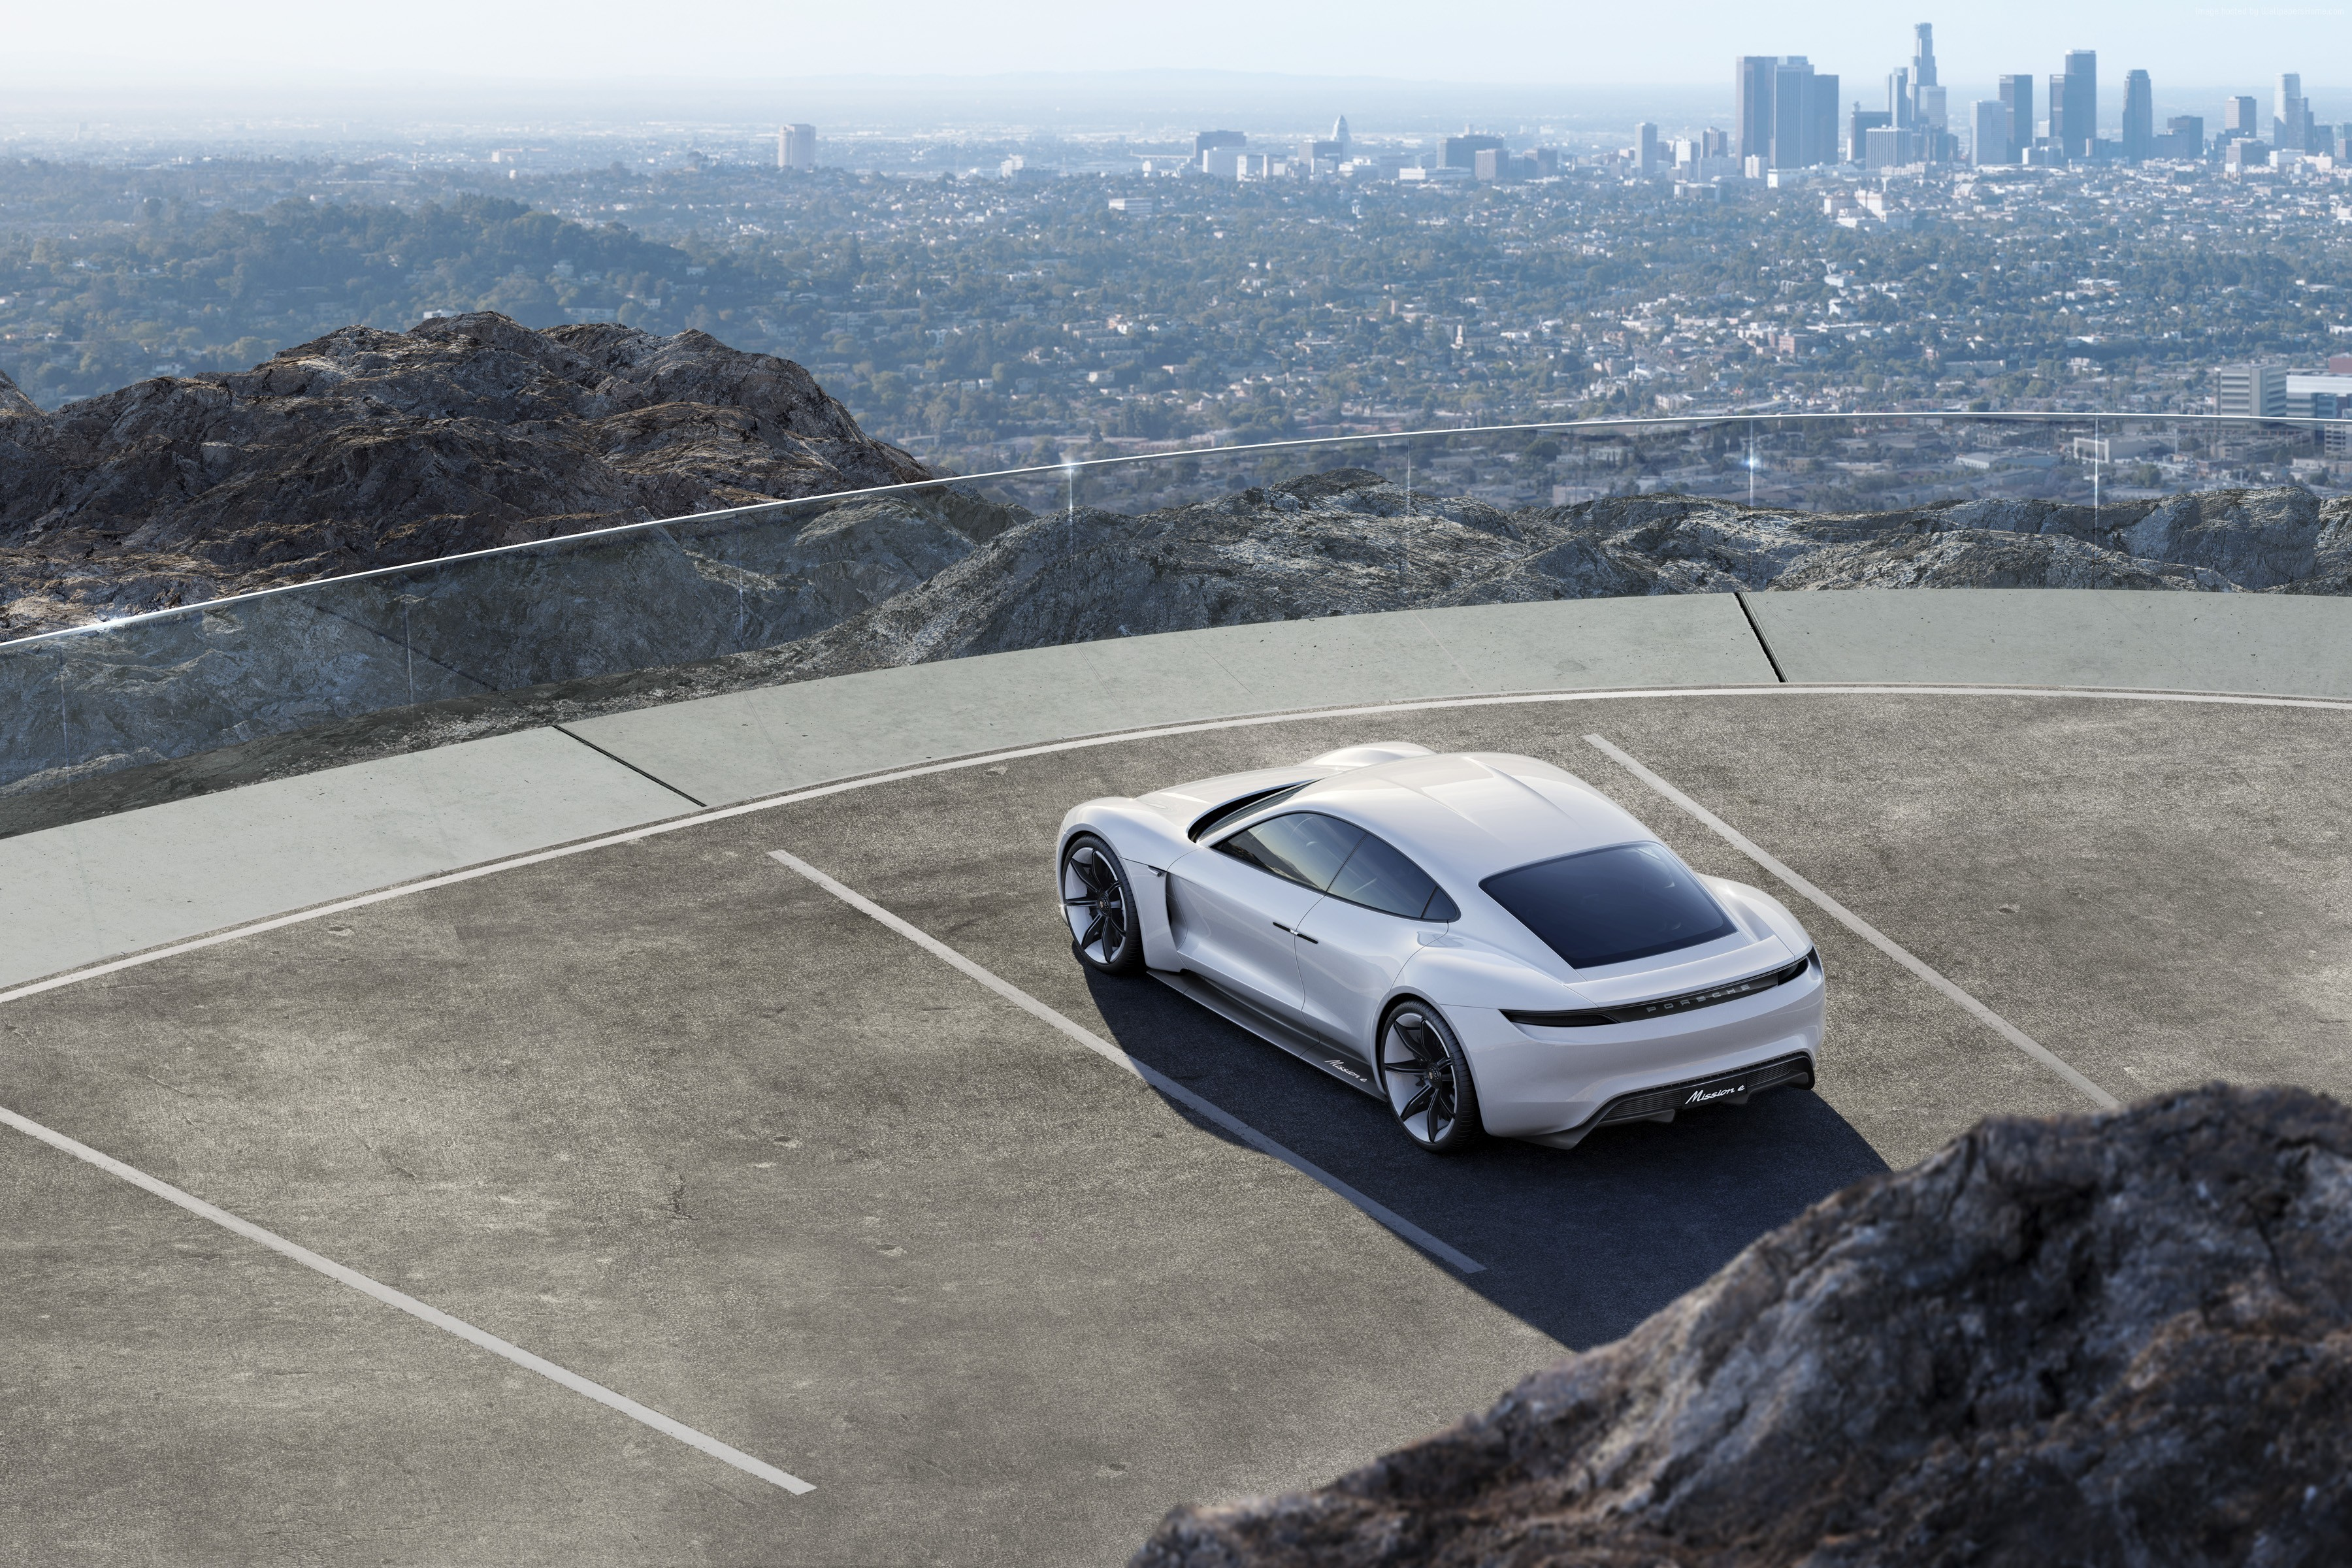 143894 Заставки и Обои Порш (Porsche) на телефон. Скачать Порш (Porsche), Тачки (Cars), Вид Сверху, Белый, Концепт, Mission E картинки бесплатно